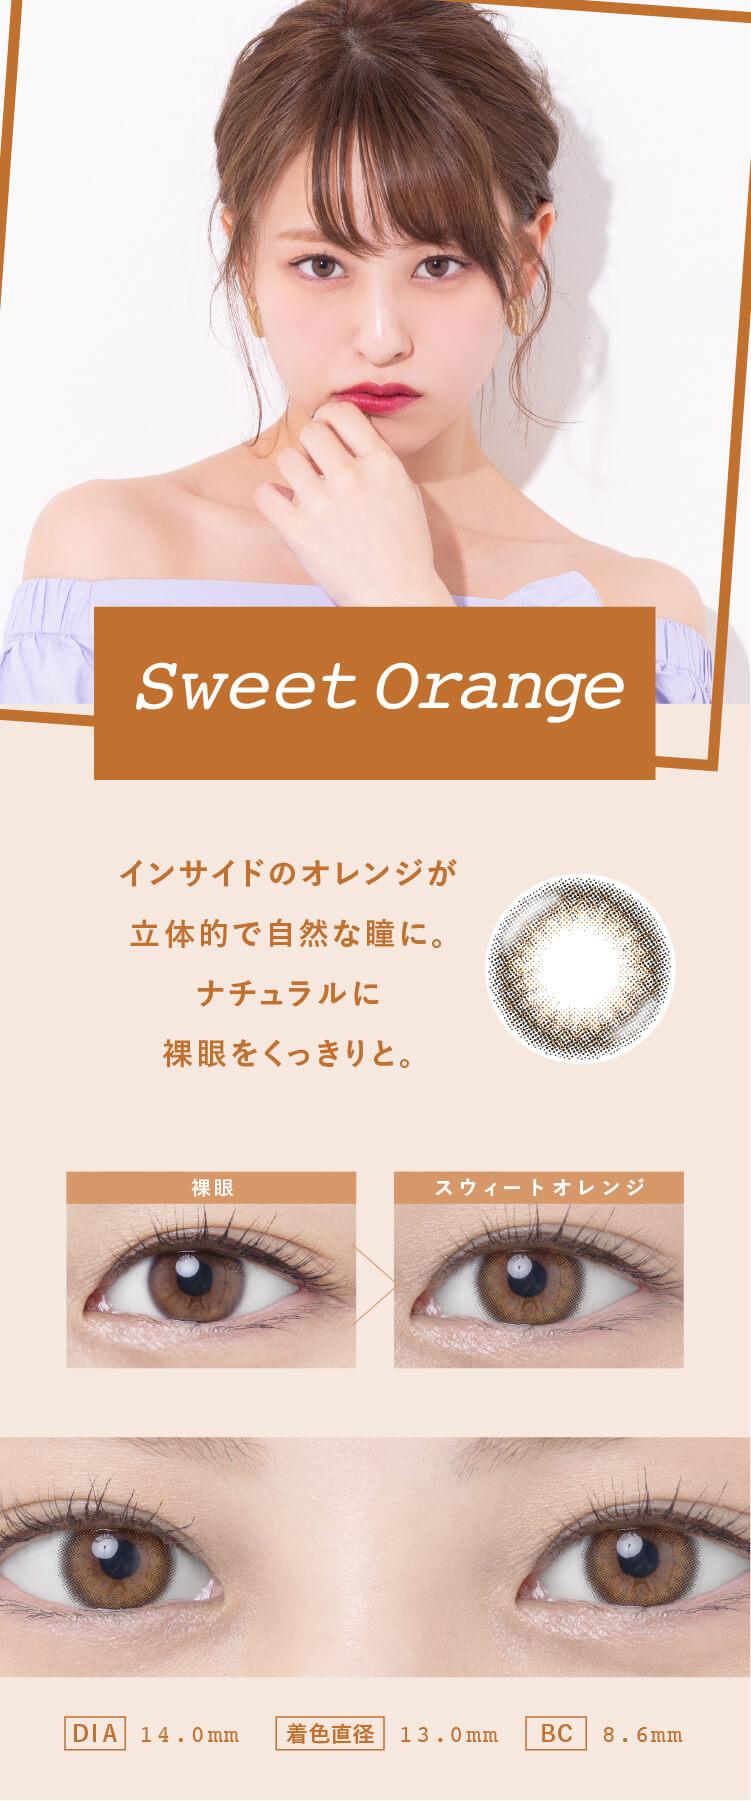 スウィートハート 2weekカラコン - スウィートオレンジ